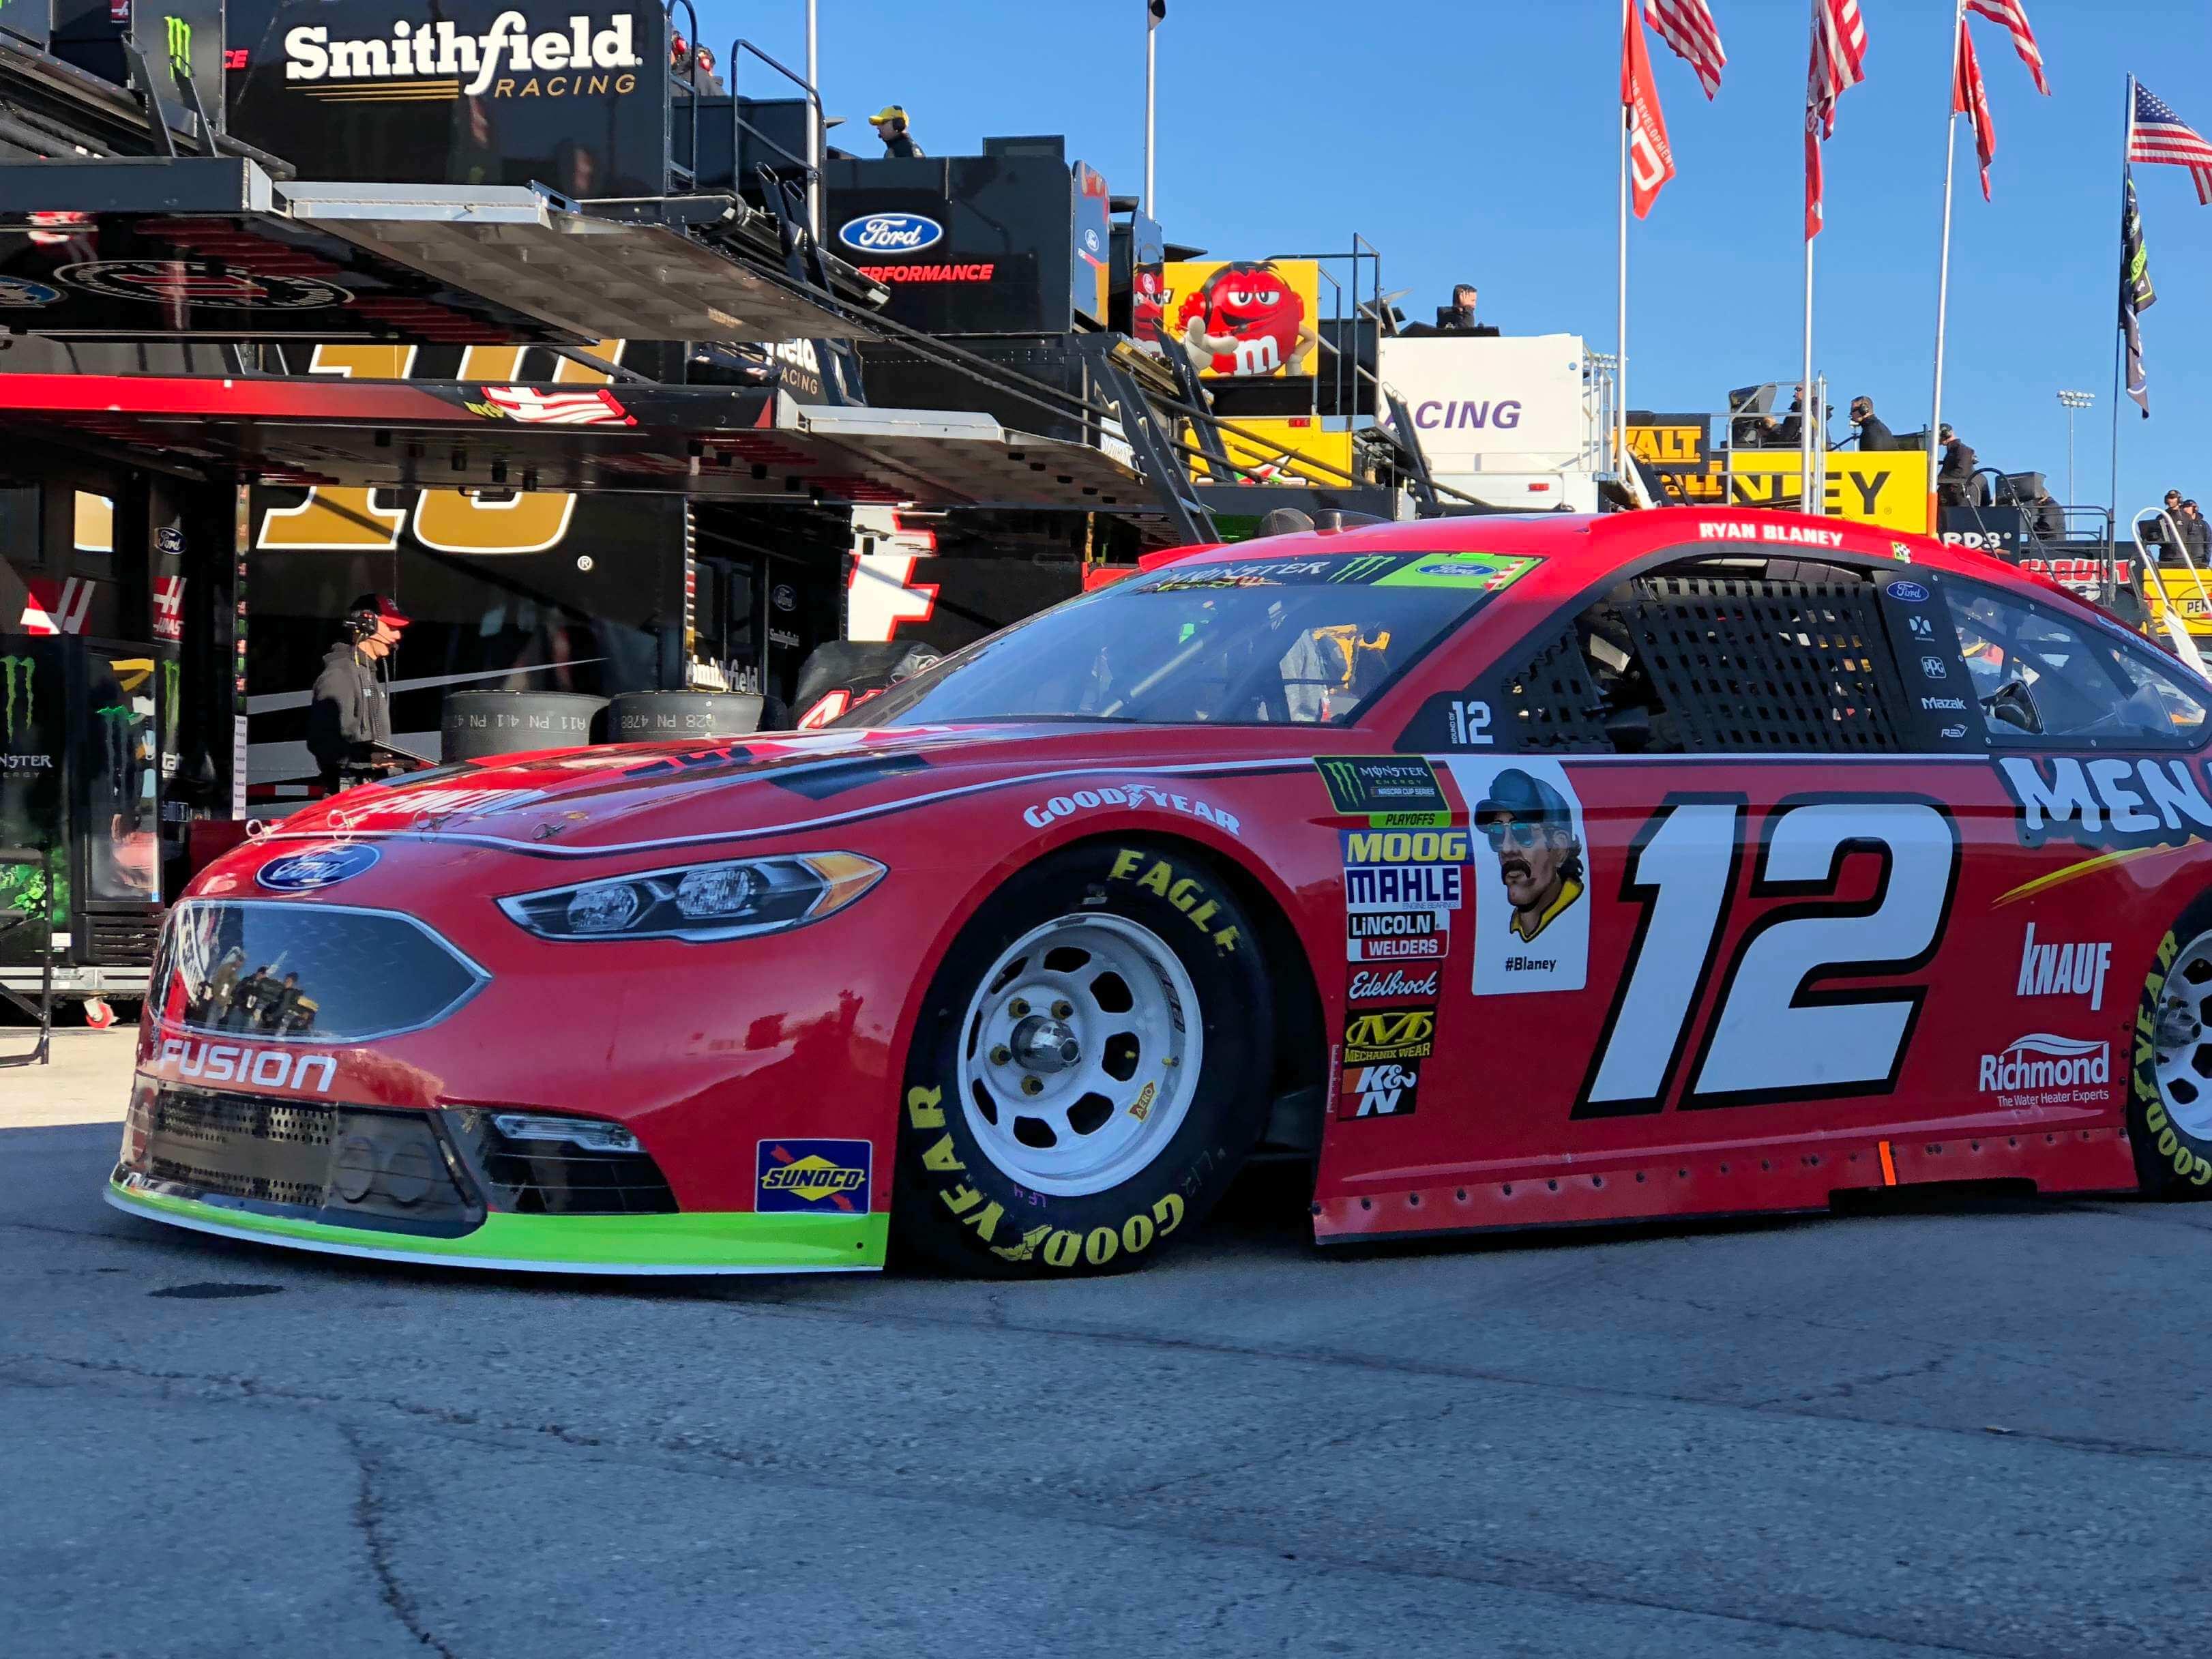 Ryan Blaney in the garage area at Kansas Speedway